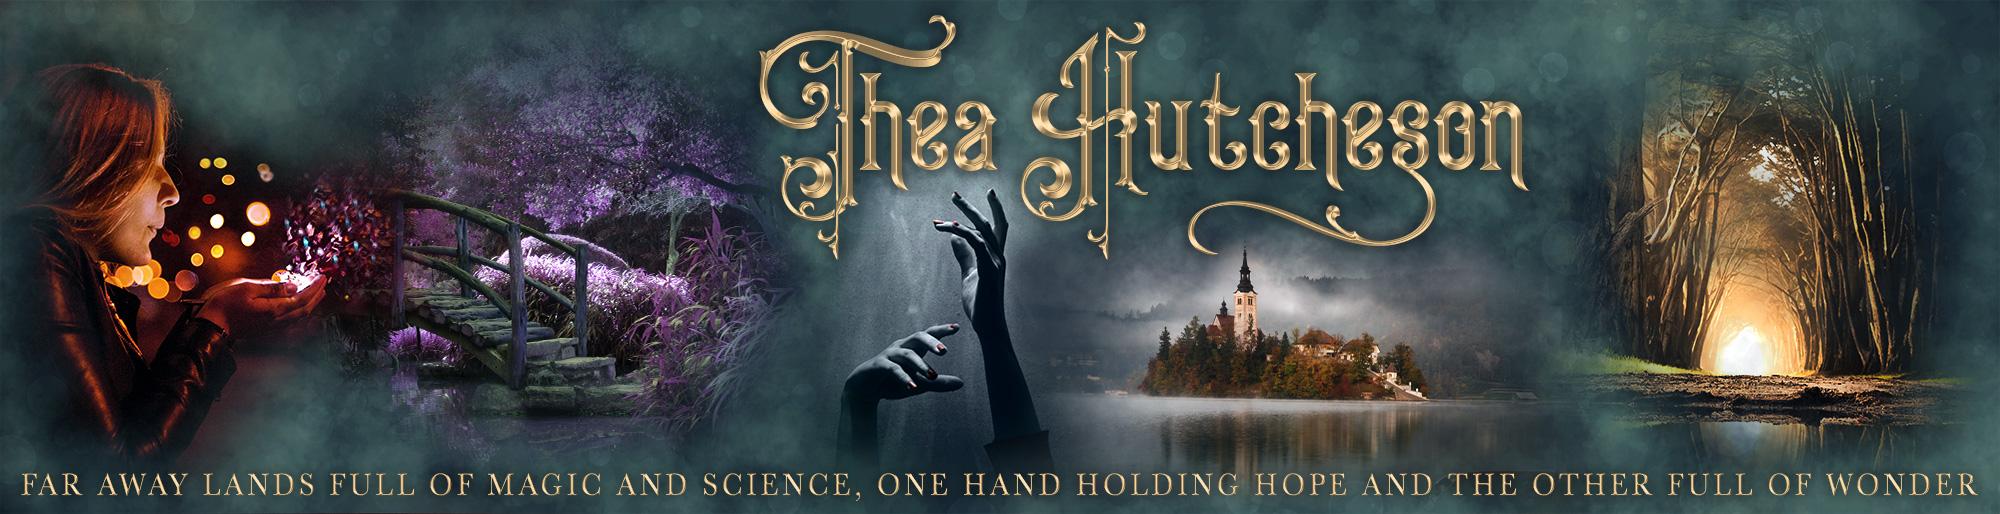 Thea Hutcheson